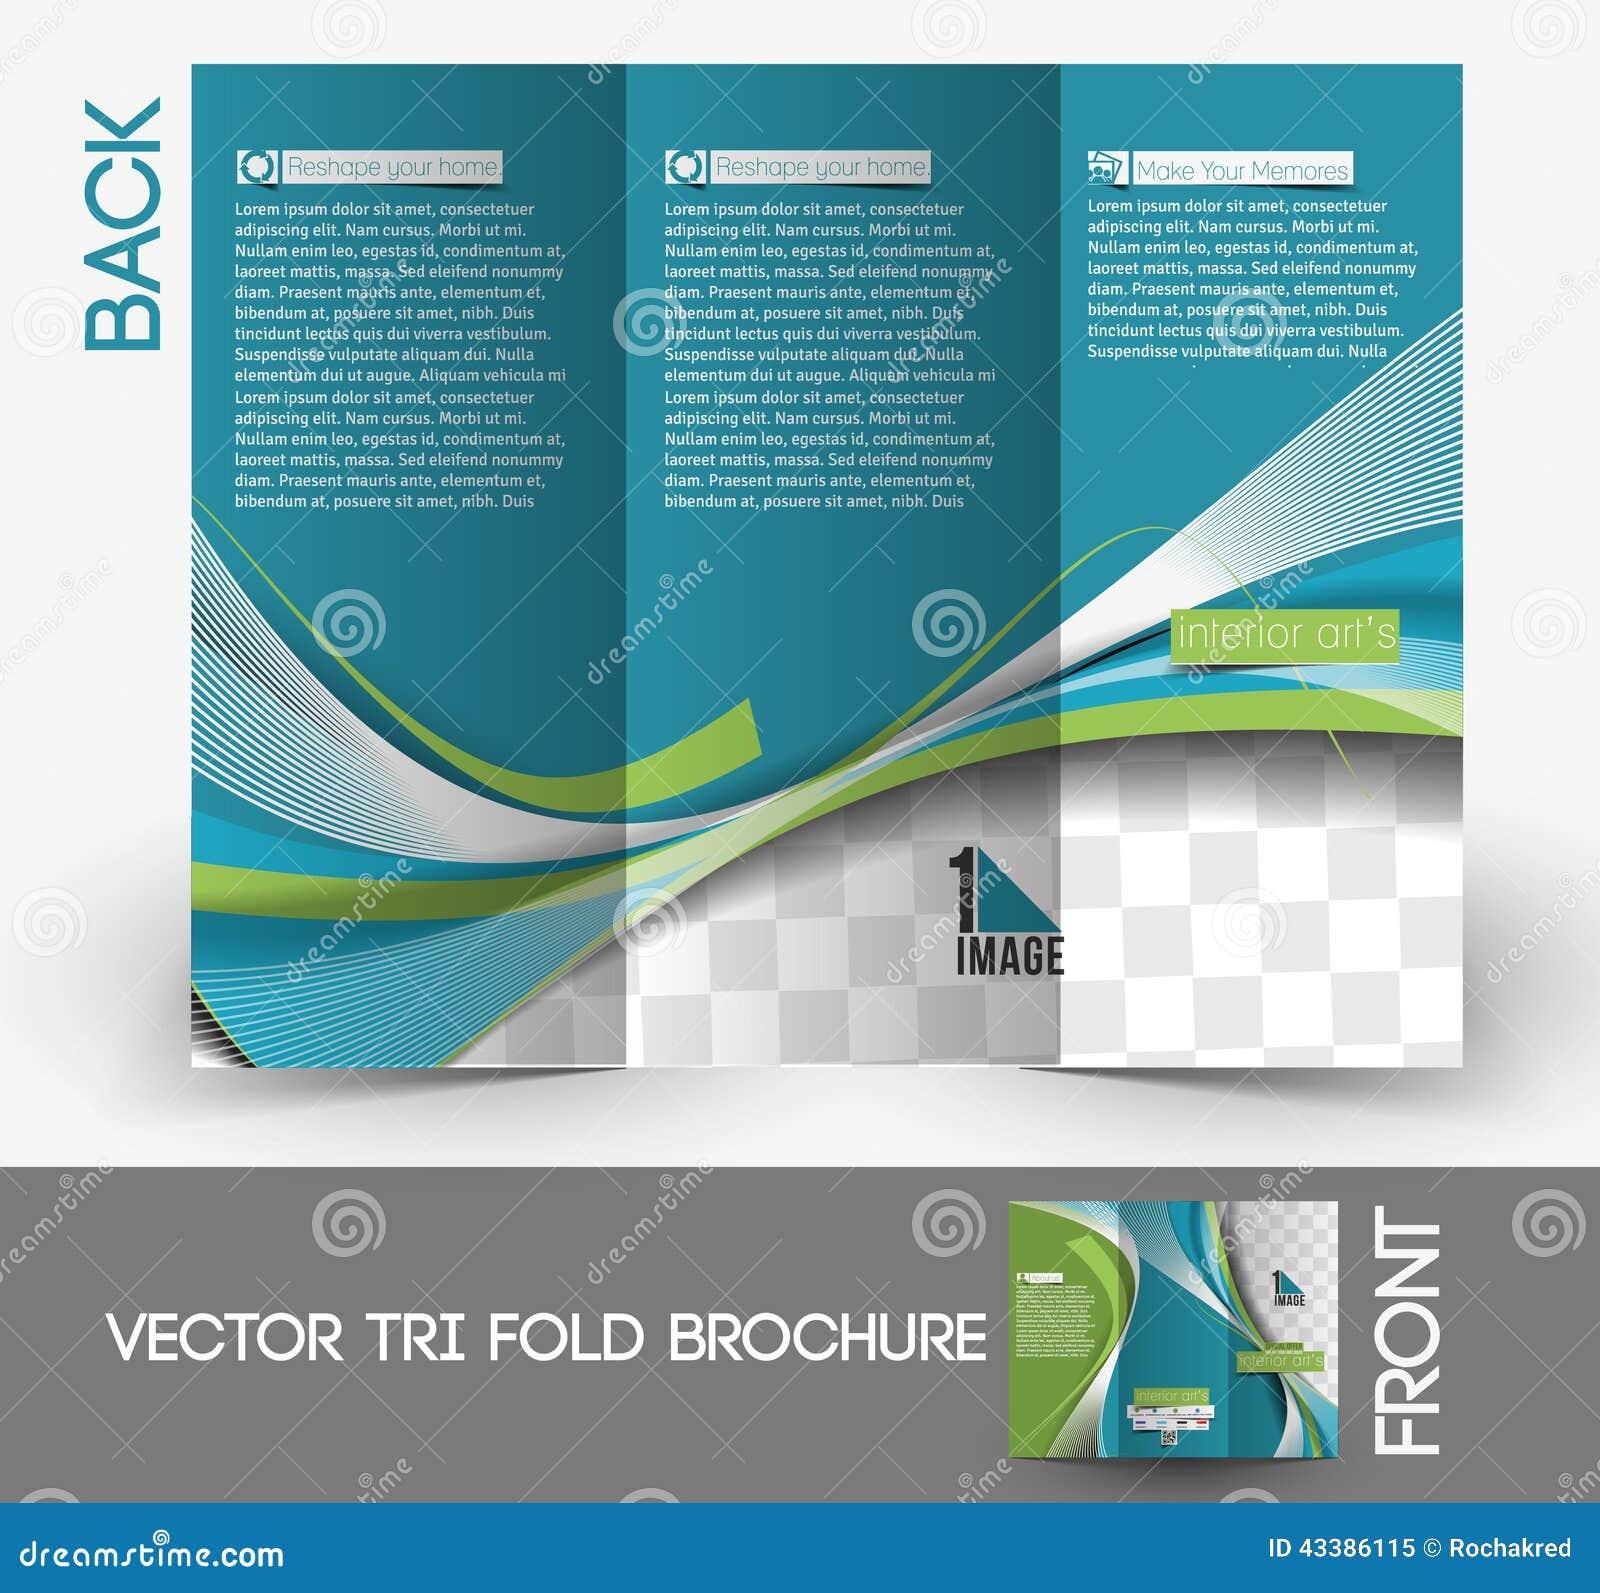 Architettura architetto arredatore brochure illustrazione vettoriale immagine 43386115 for Lavoro arredatore